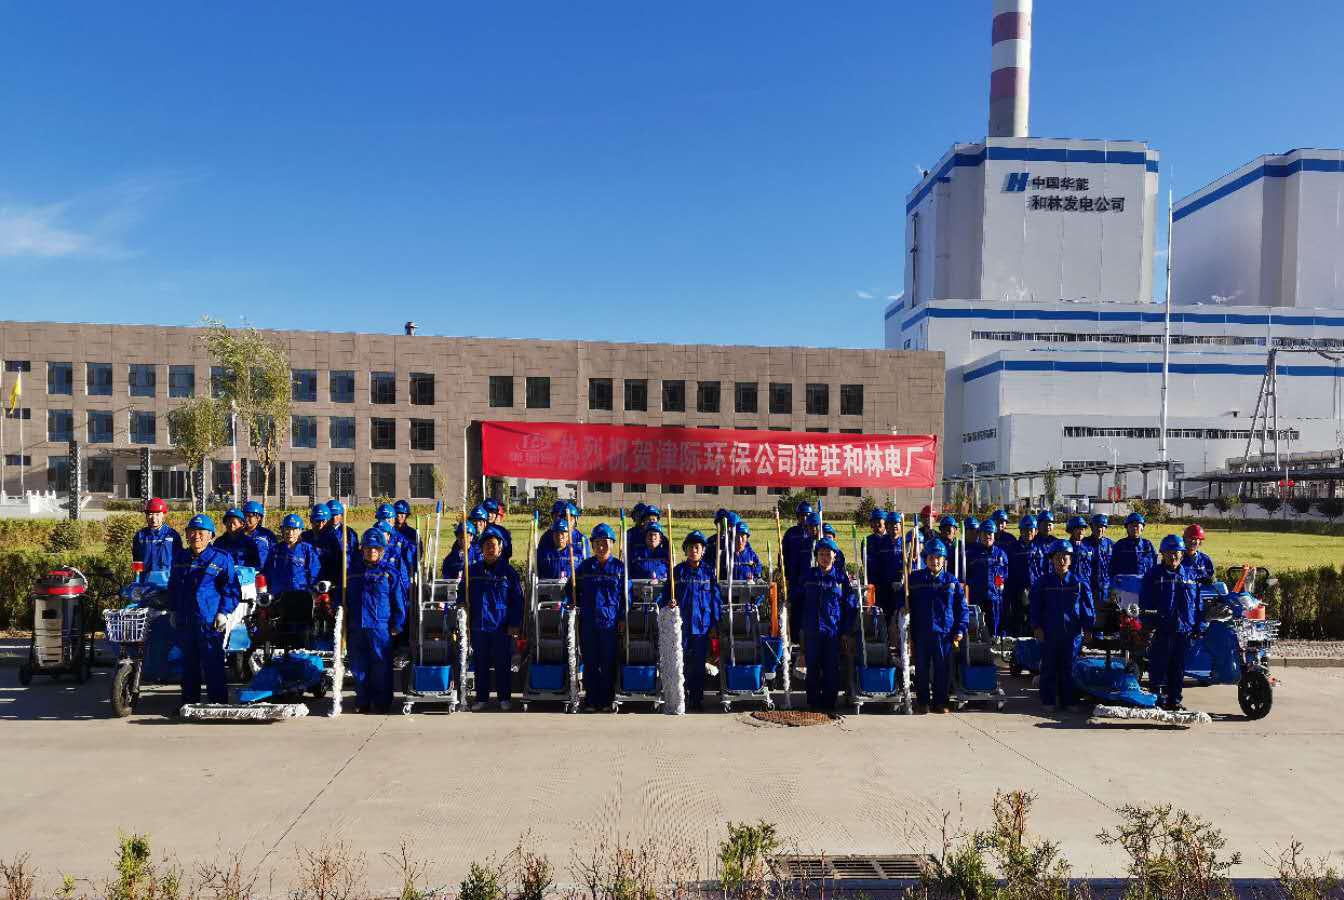 津际环保科技有限公司和林项目举行开工仪式